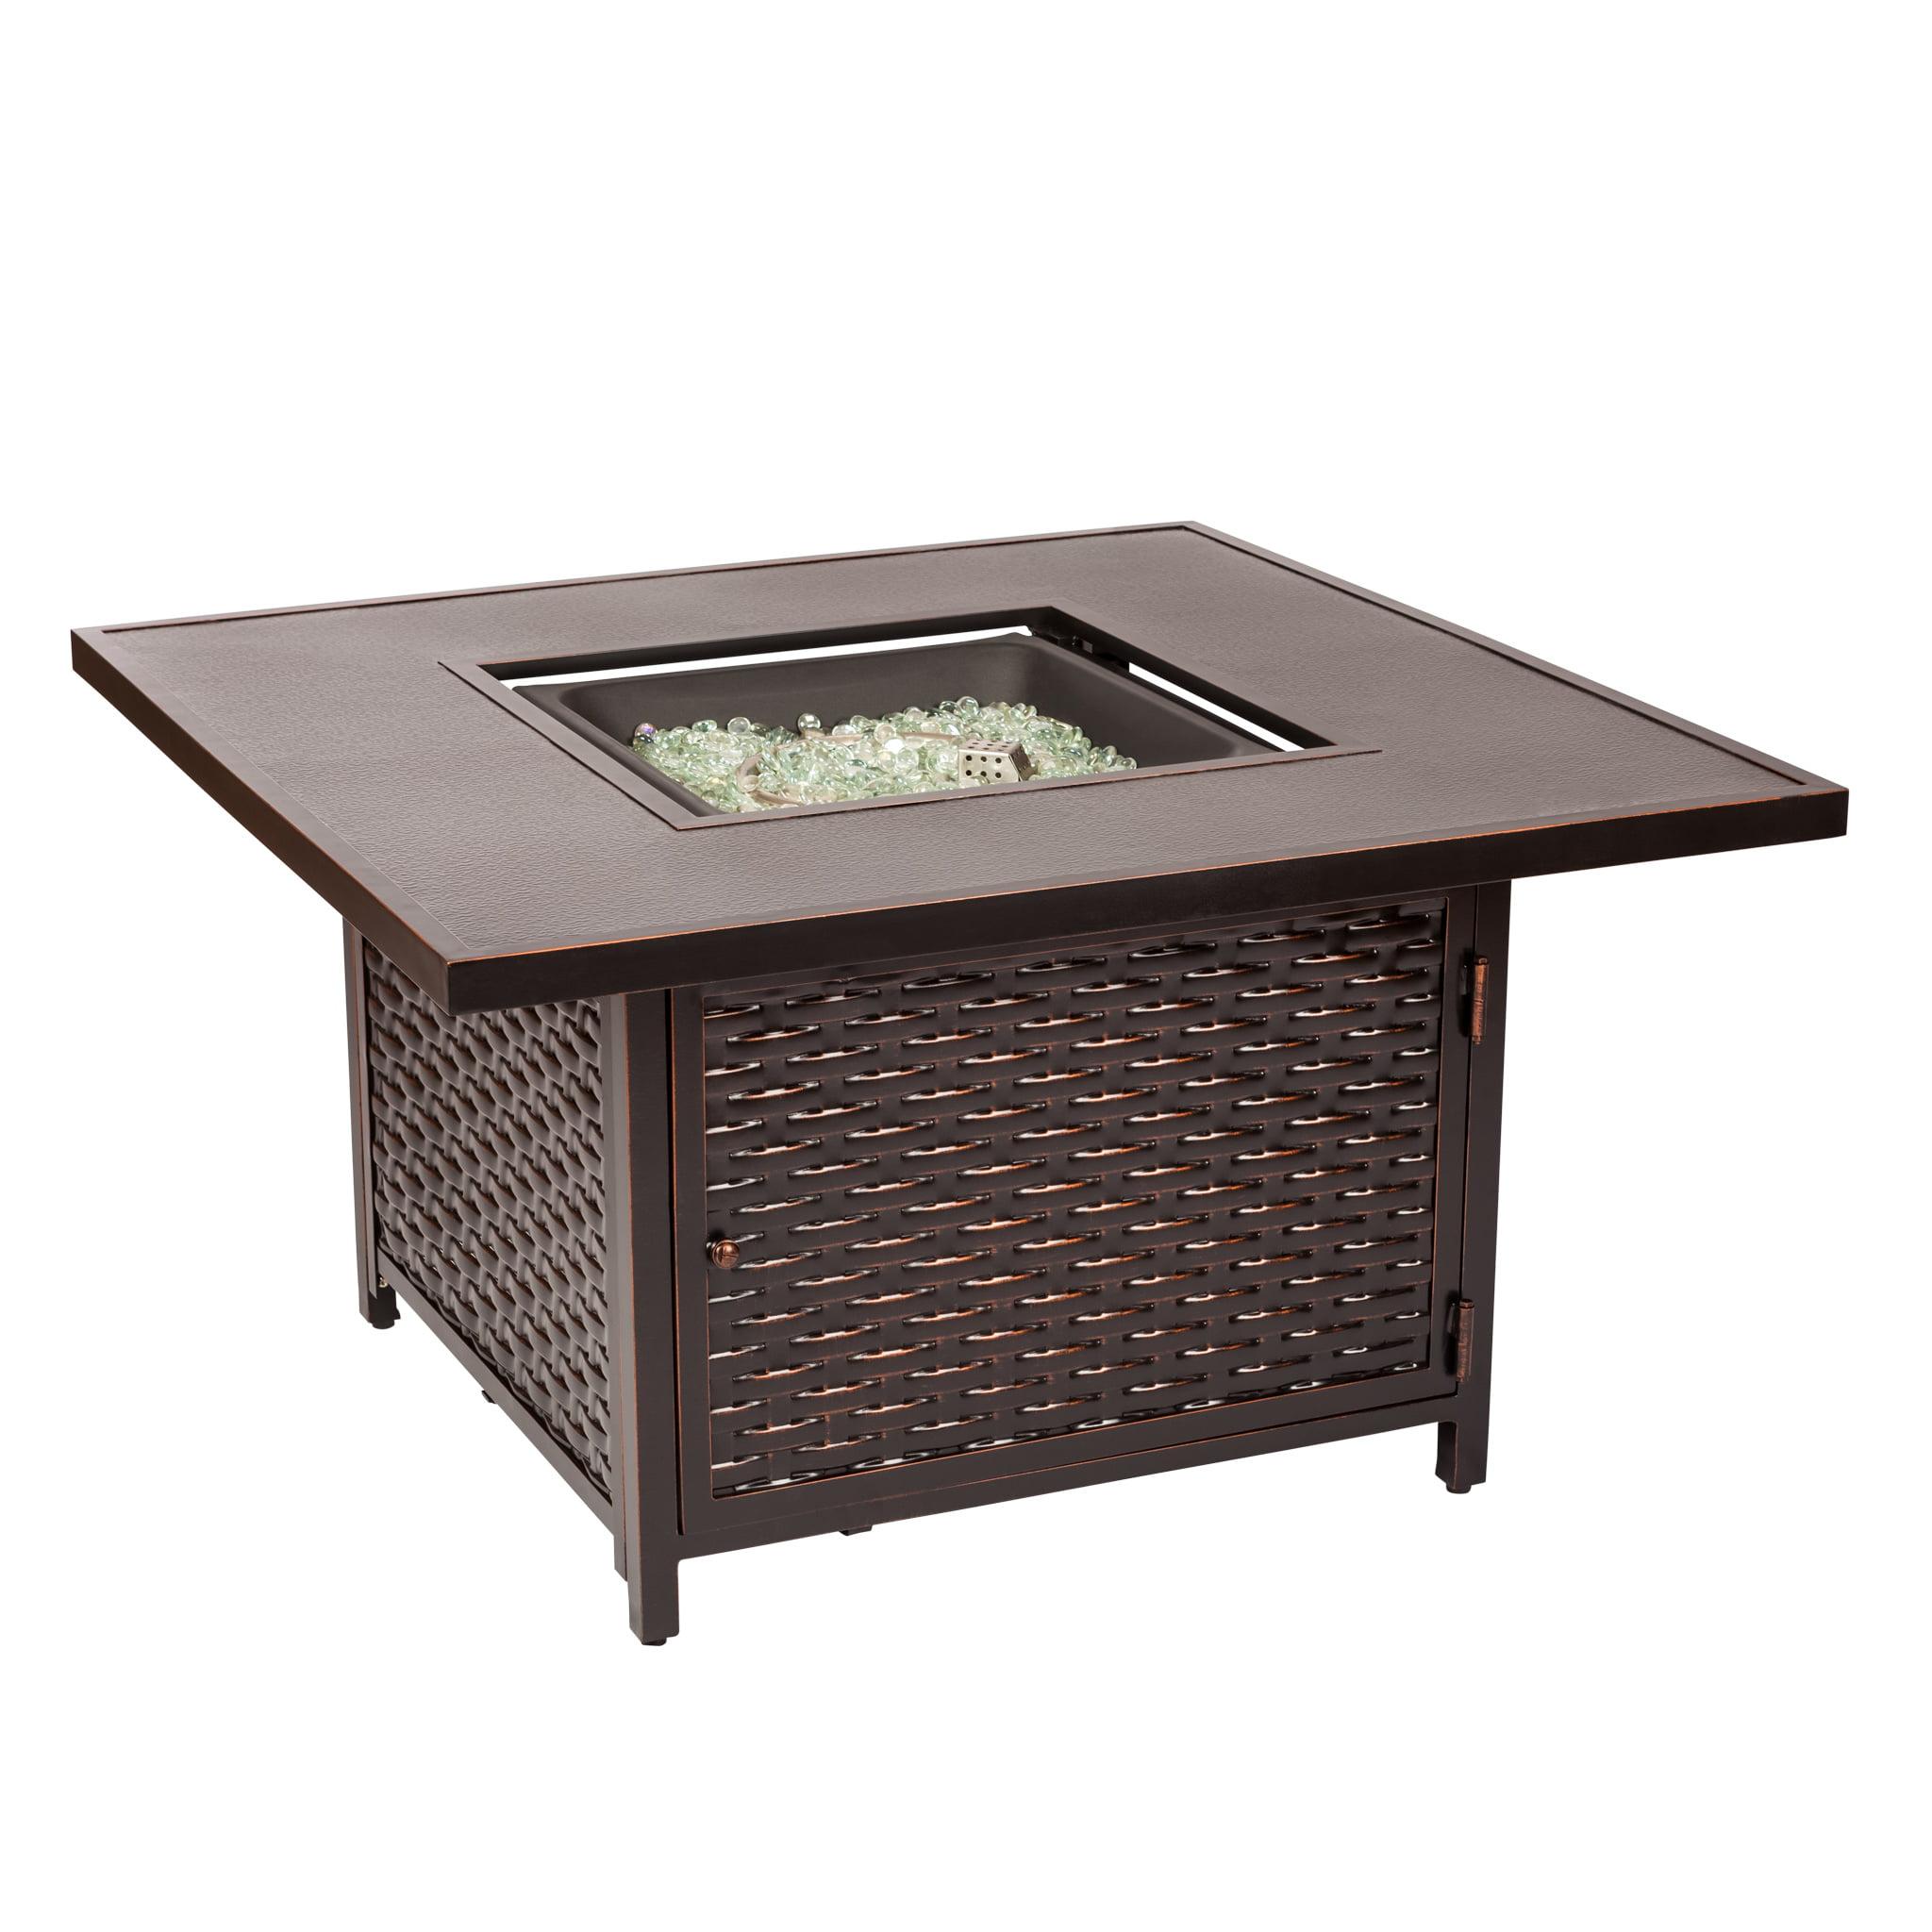 Baker Cast Aluminum LPG Firepit Table by Well Traveled Living